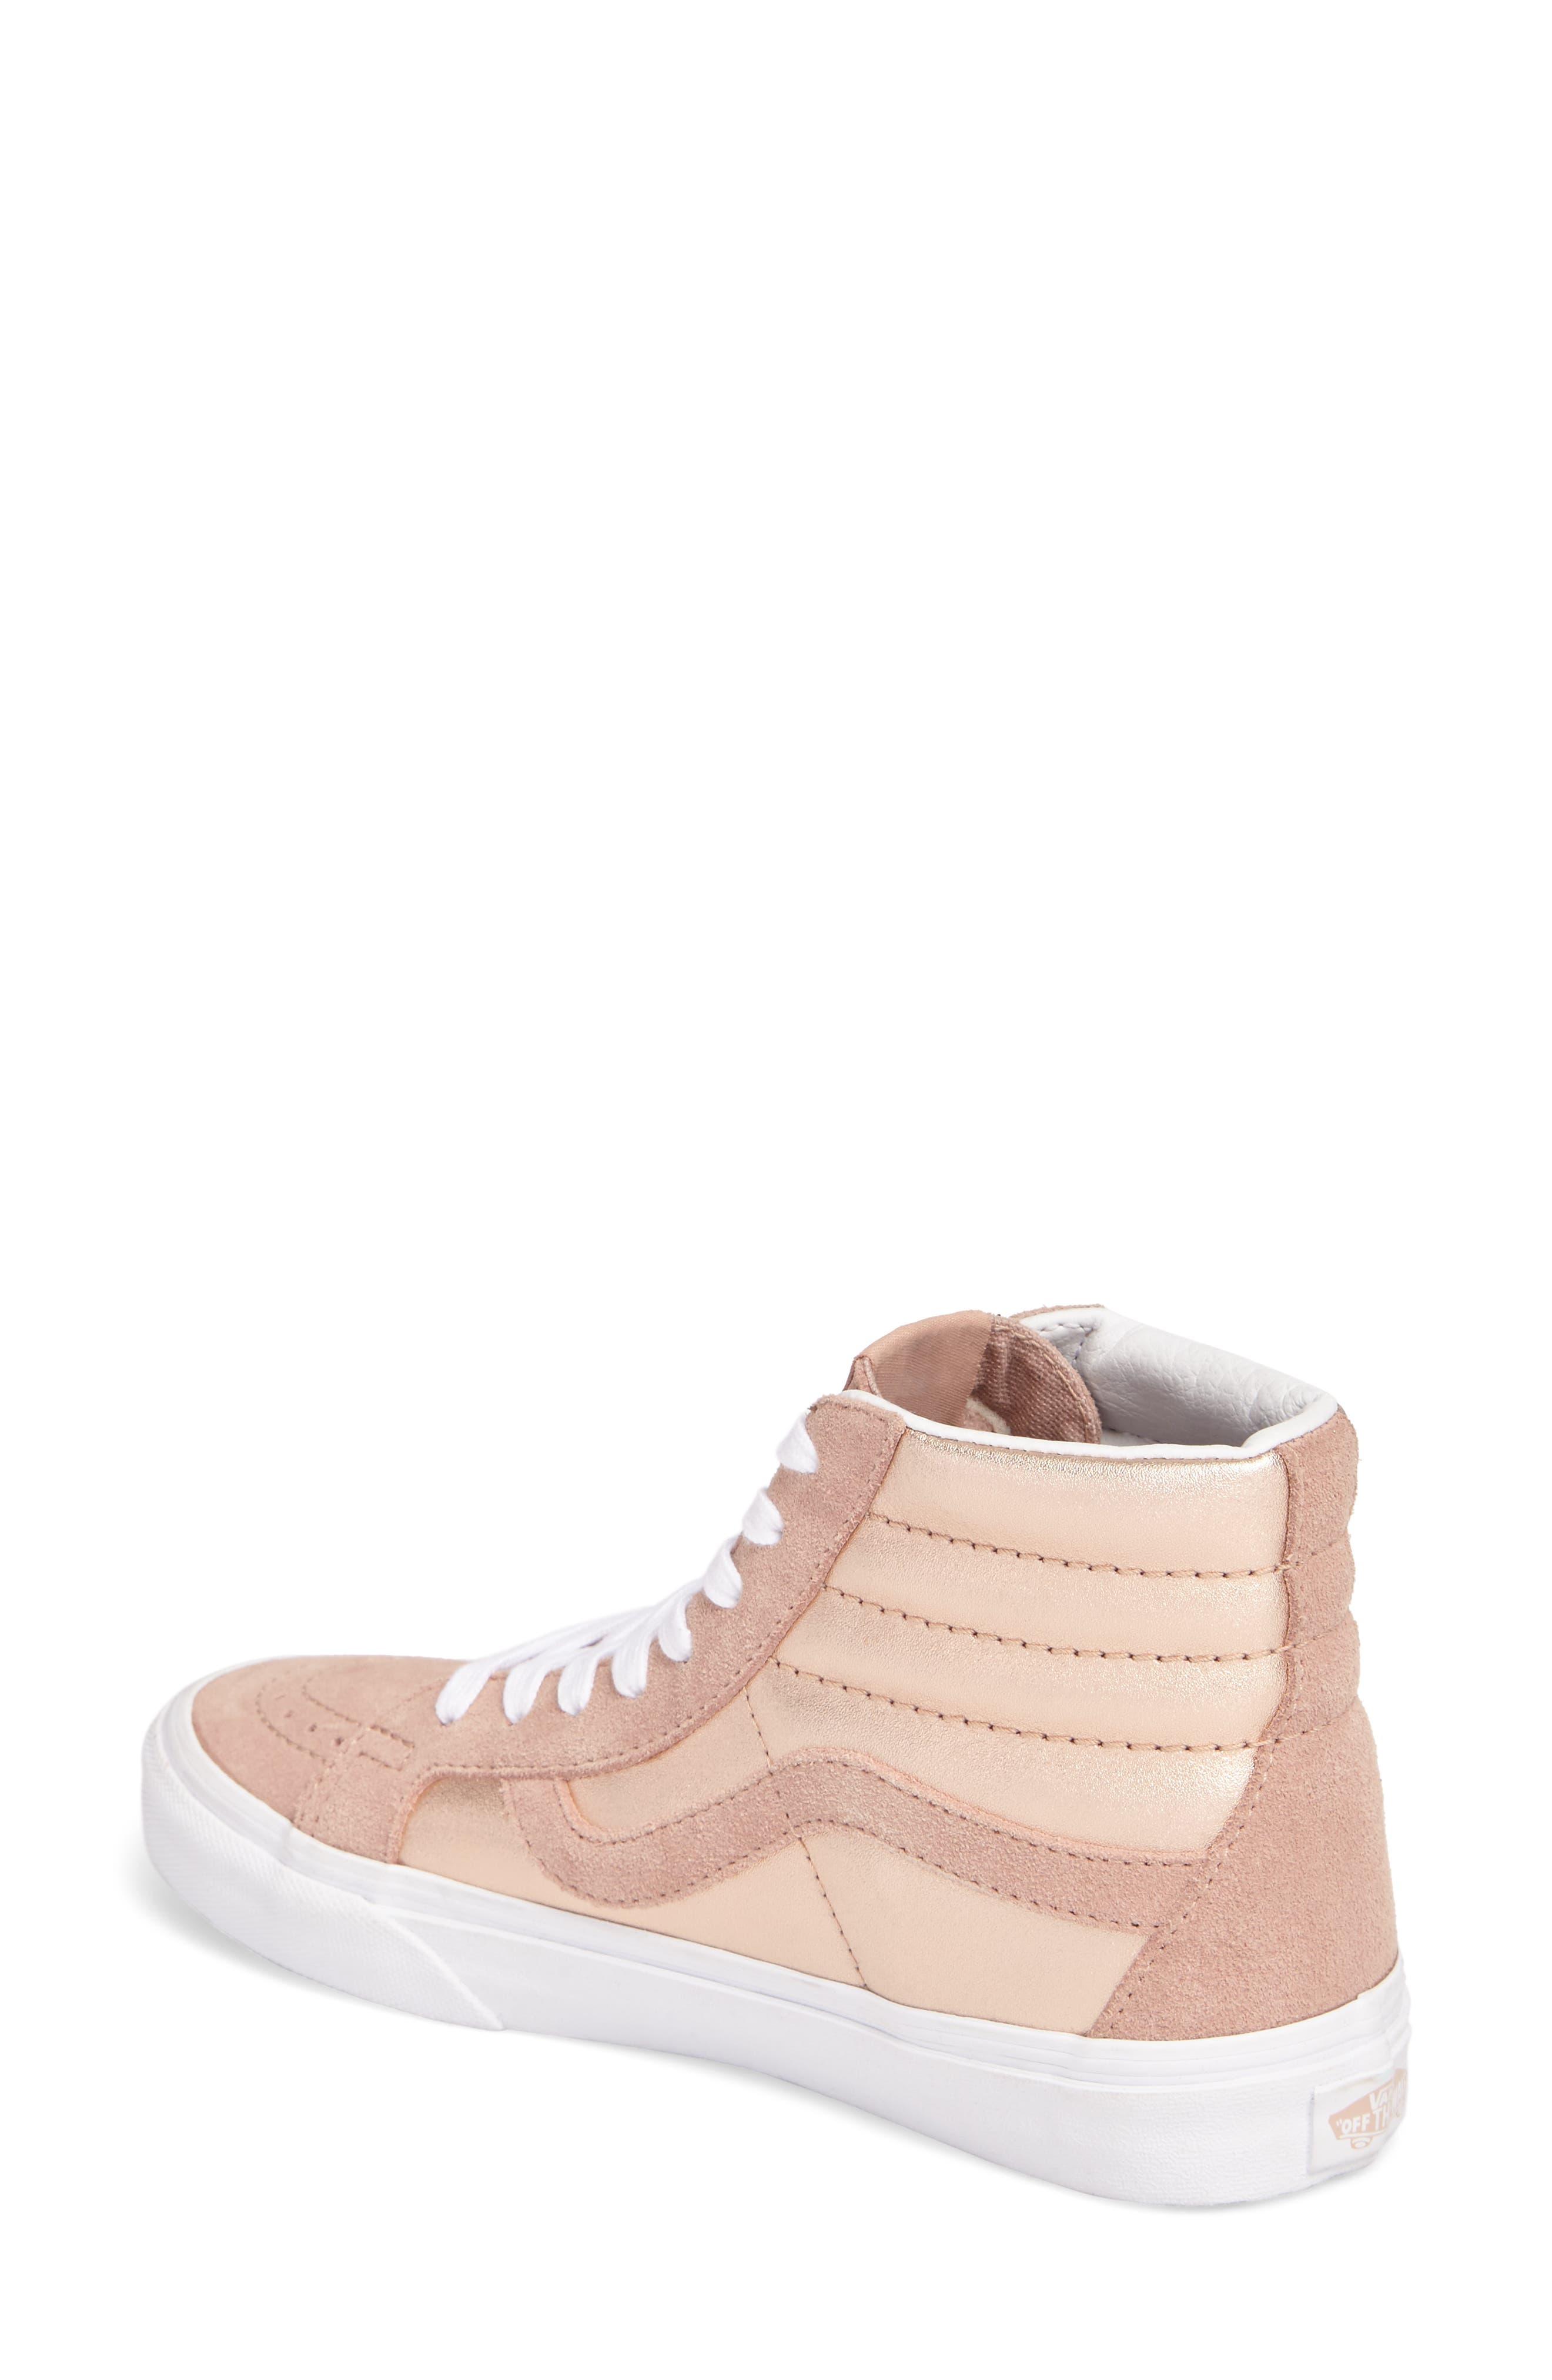 Alternate Image 2  - Vans 'Sk8-Hi Reissue' Sneaker (Women)